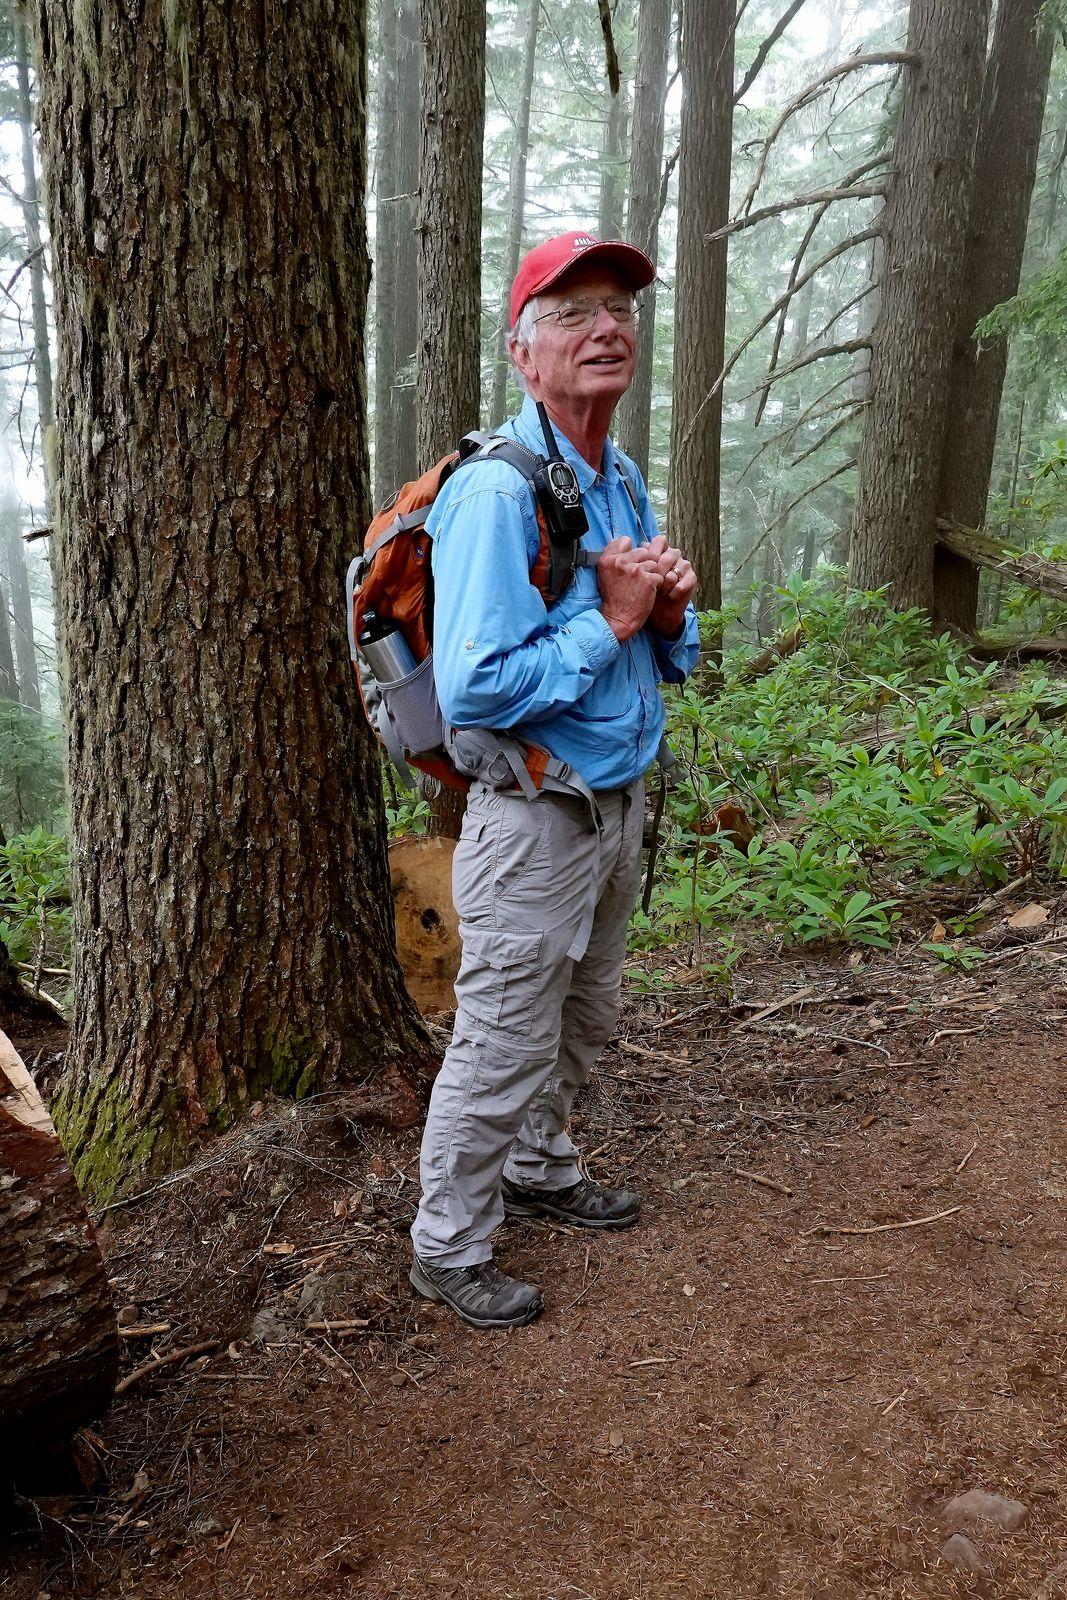 Dean our hike leader takes a break